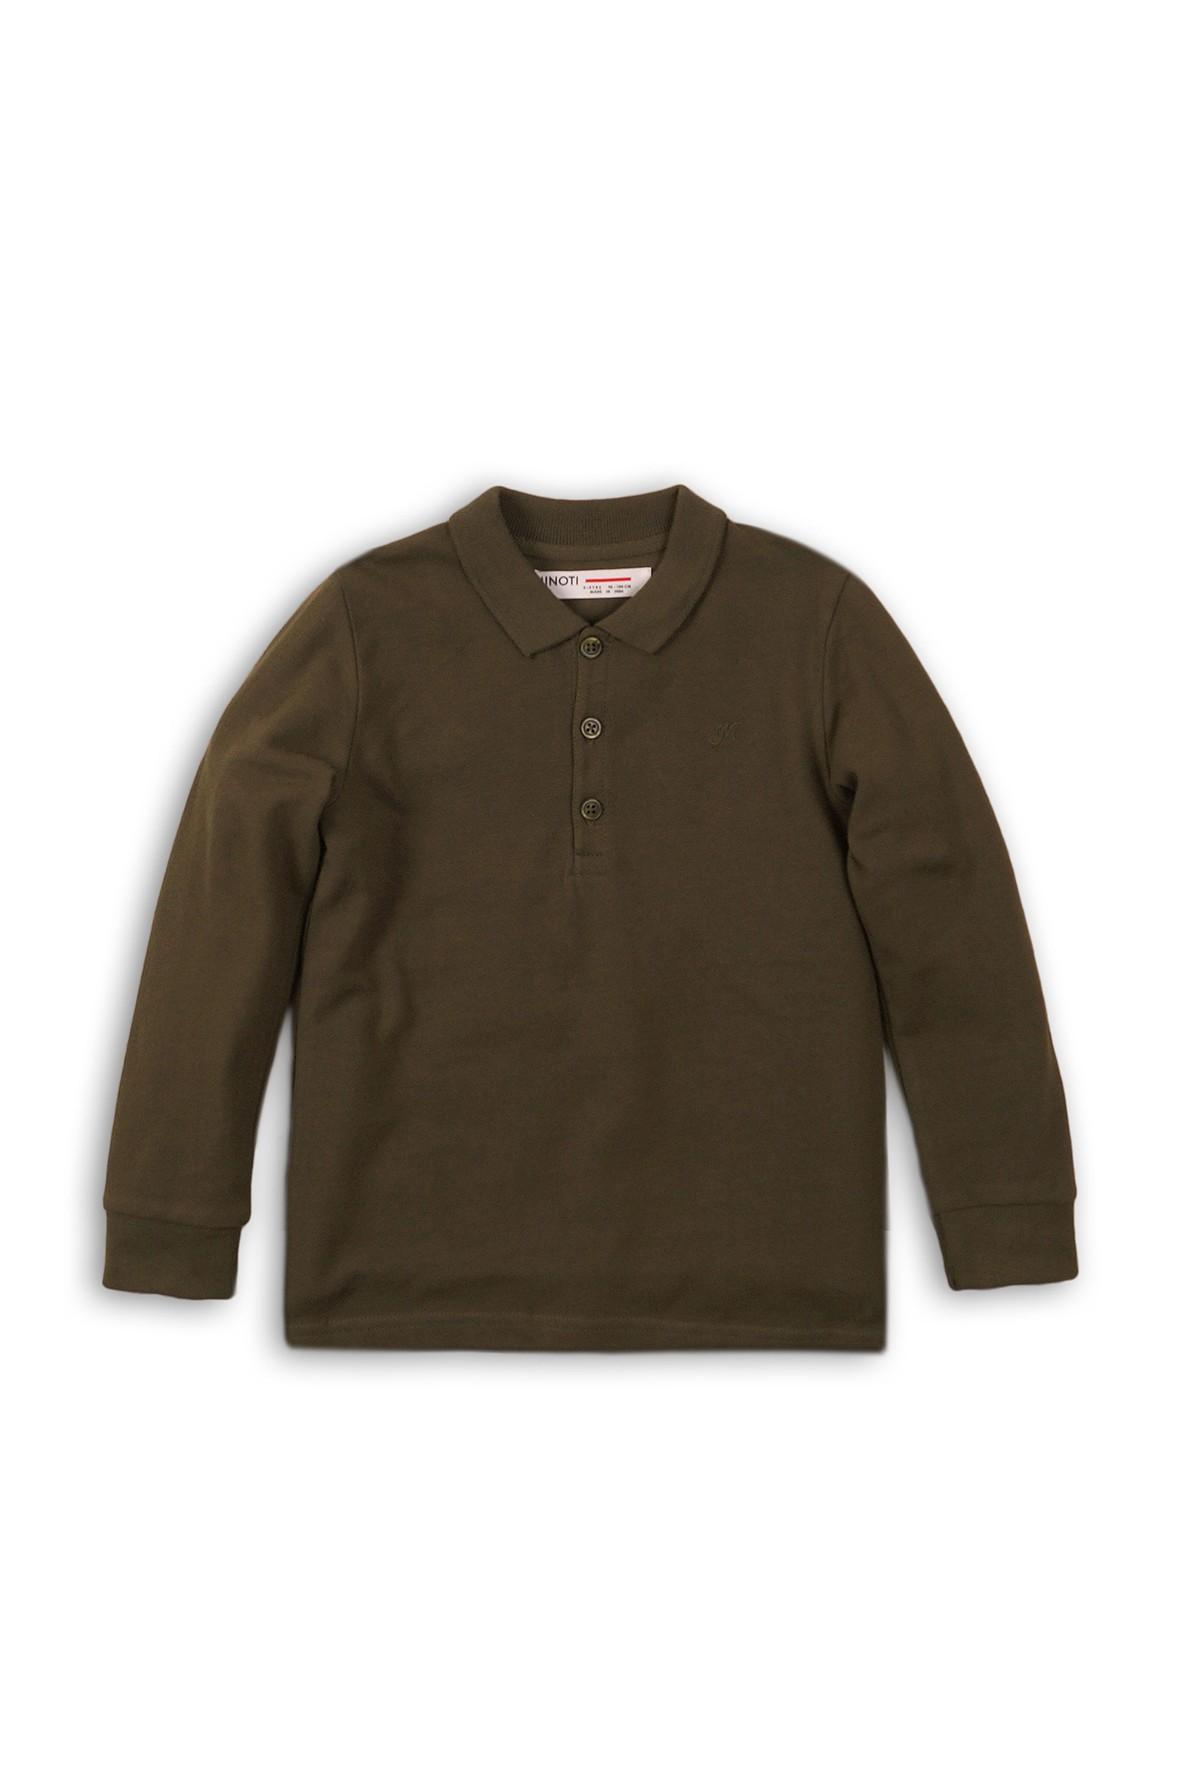 Bawełniana bluzka chłopięca z długim rękawem -brązowa rozm 92/98